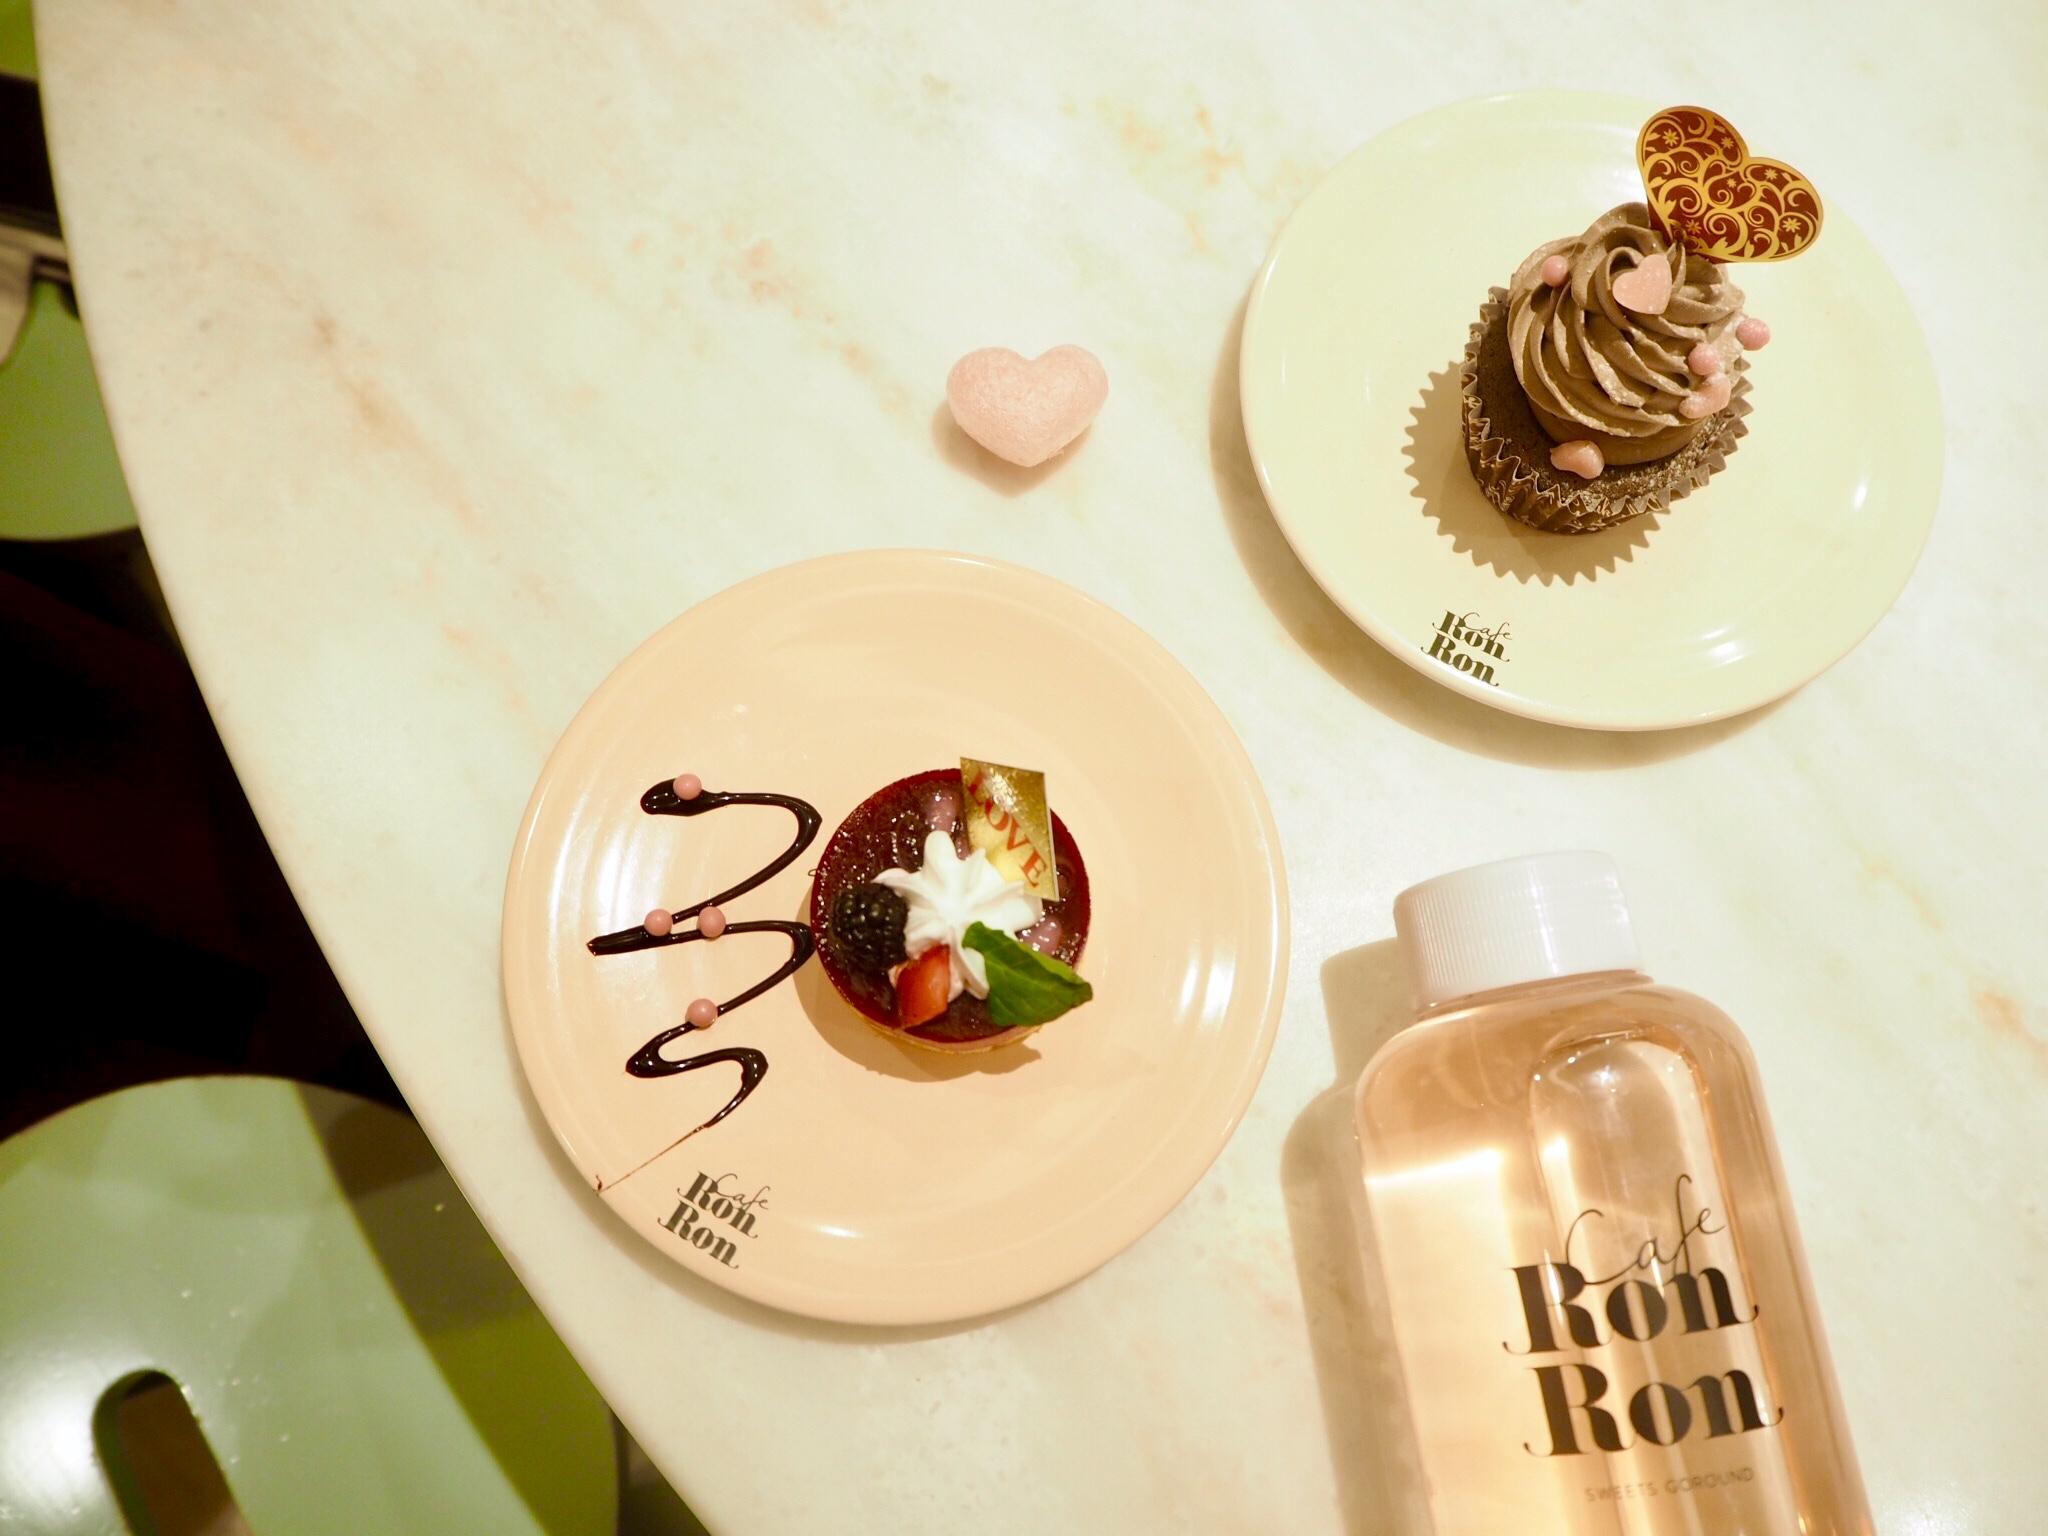 【cafe RON RON】回転スイーツカフェはバレンタインメニューもかわいい!_1